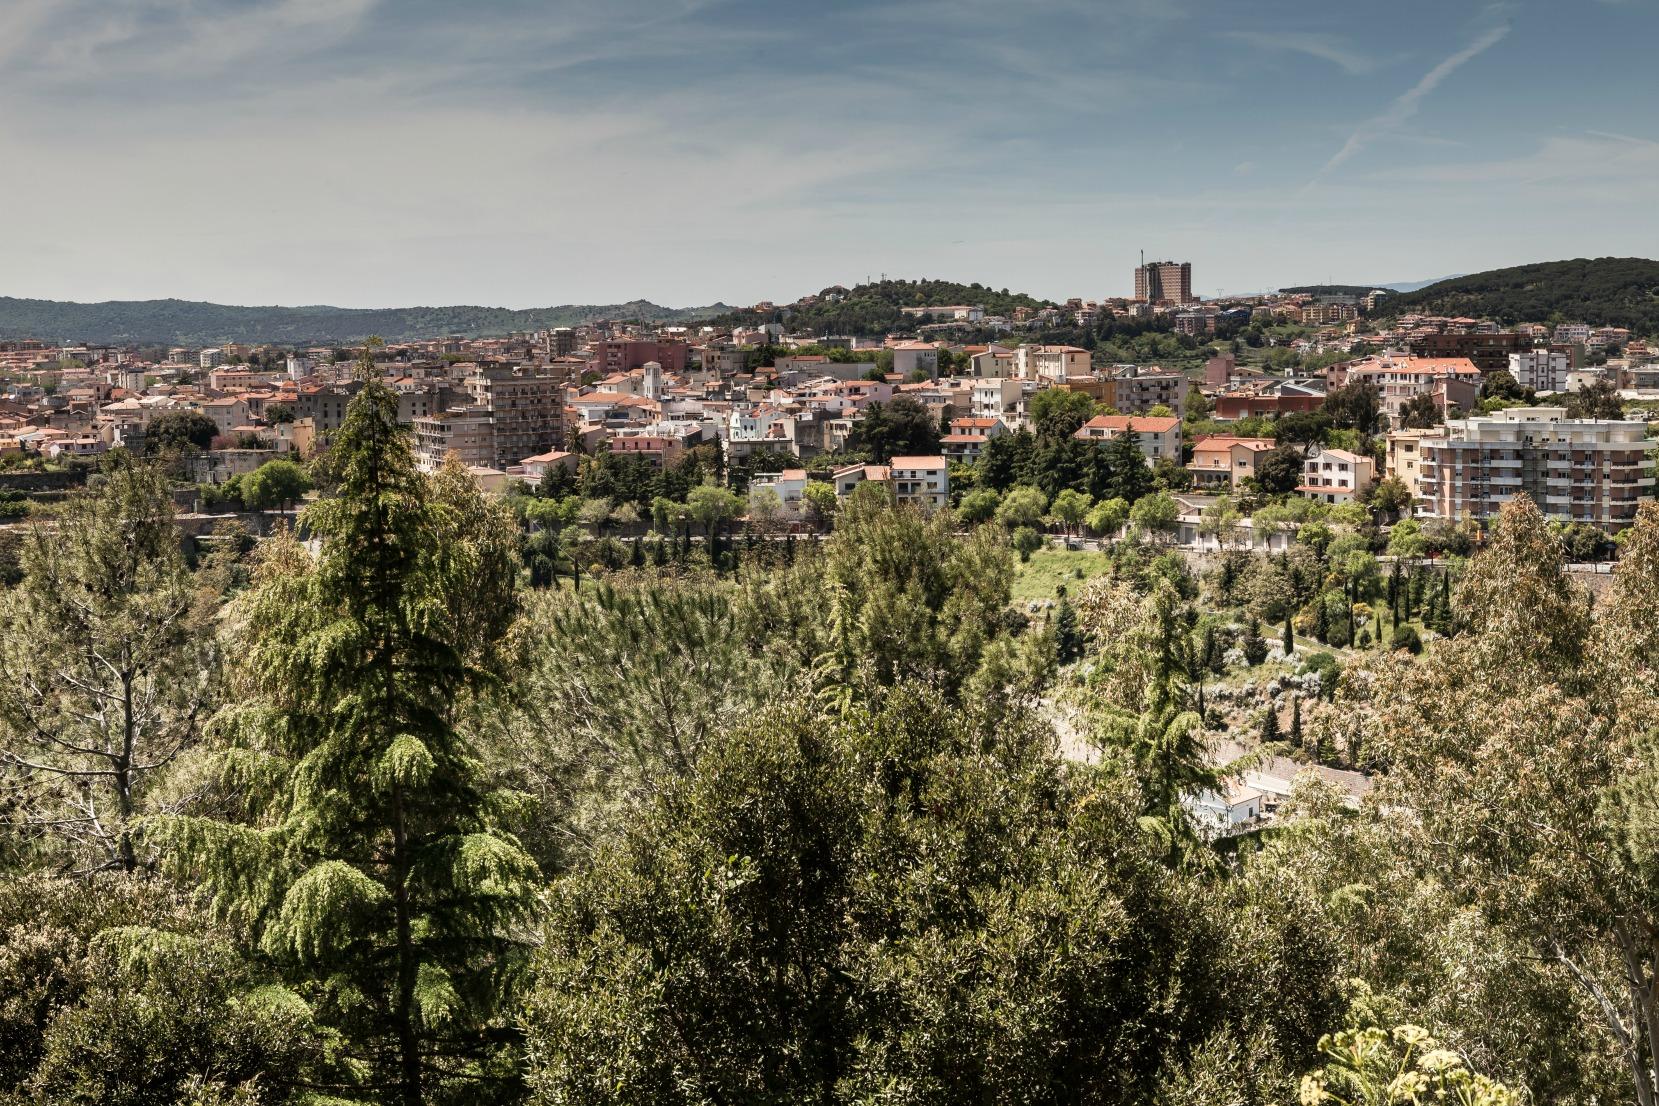 Nuoro, veduta della città - Fonte www.sardegnatursimo.it